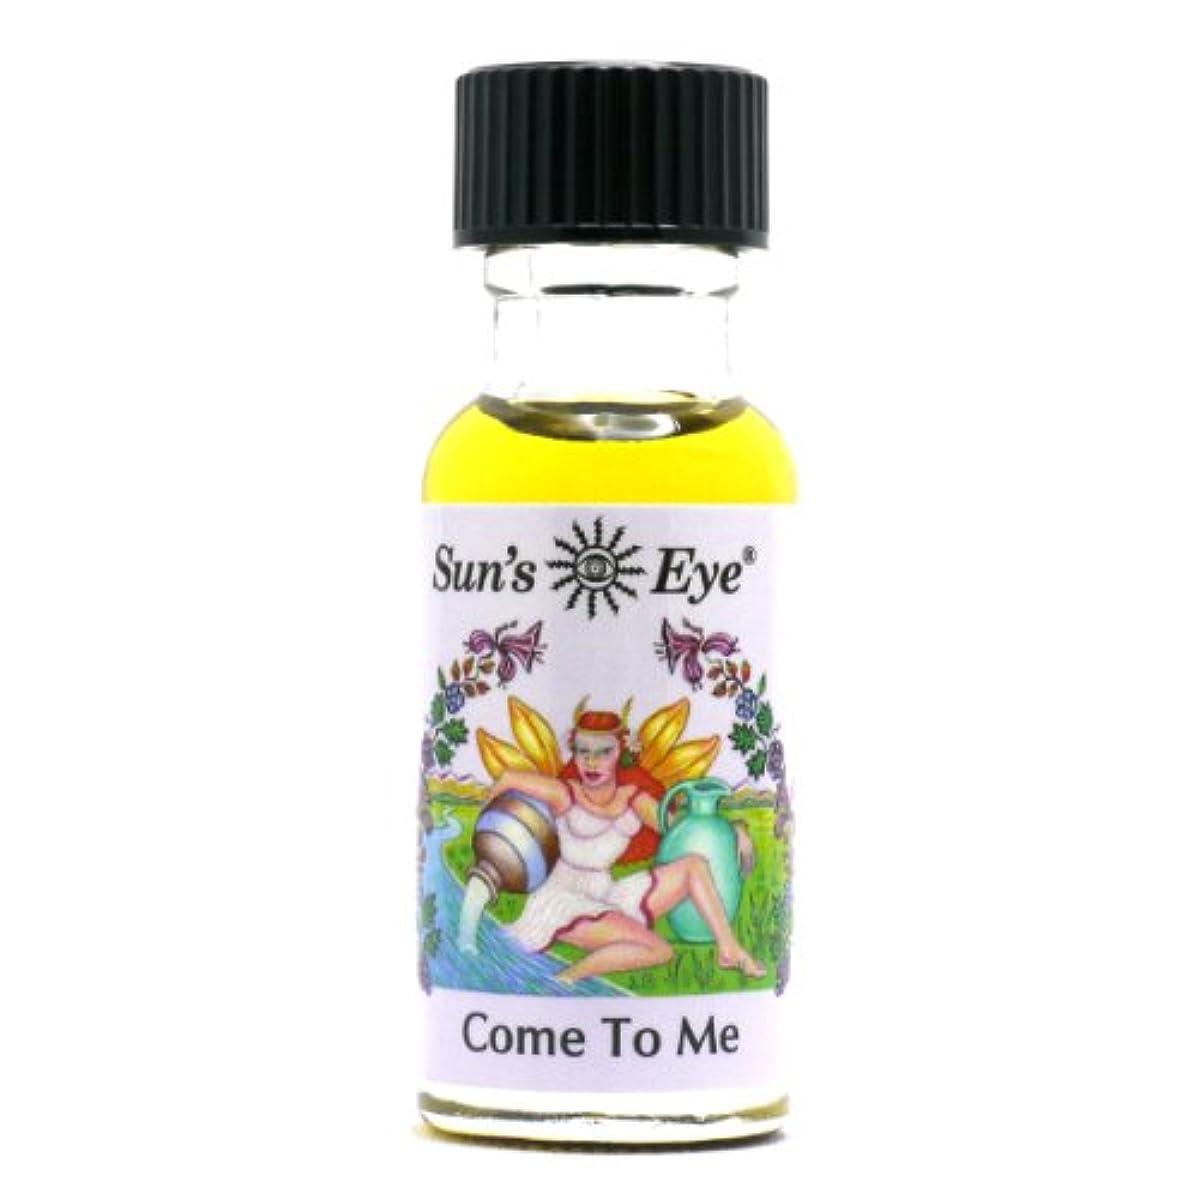 追い付くボート征服者【Sun'sEye サンズアイ】Mystic Blends(ミスティックブレンドオイル)Come to me(カムトゥミー)